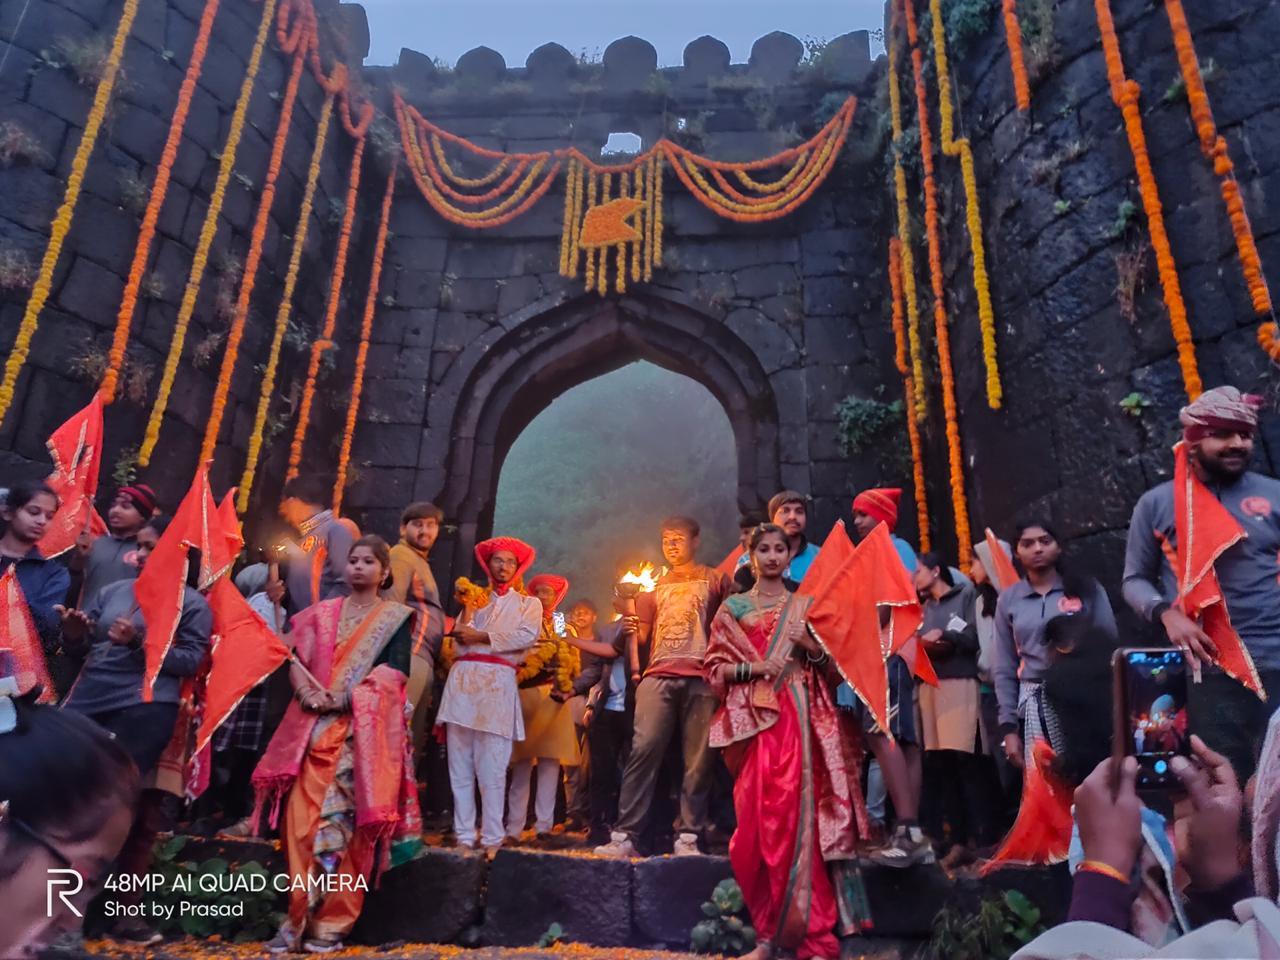 राजगडावरील पद्मावती देवीच्या मंदिरात रात्री गड जागर आयोजित केला होता. संबळाचा आवाज संपूर्ण मंदिरात घुमत होता, हा आवाज मंदिराने तब्बल 18 वर्षांनी अनुभवला. राजगड दीपोत्सव च्या निमित्ताने पुन्हा एकदा जुने वातावरणाची आठवण झाल्याची उपस्थितांनी नमूद केले.